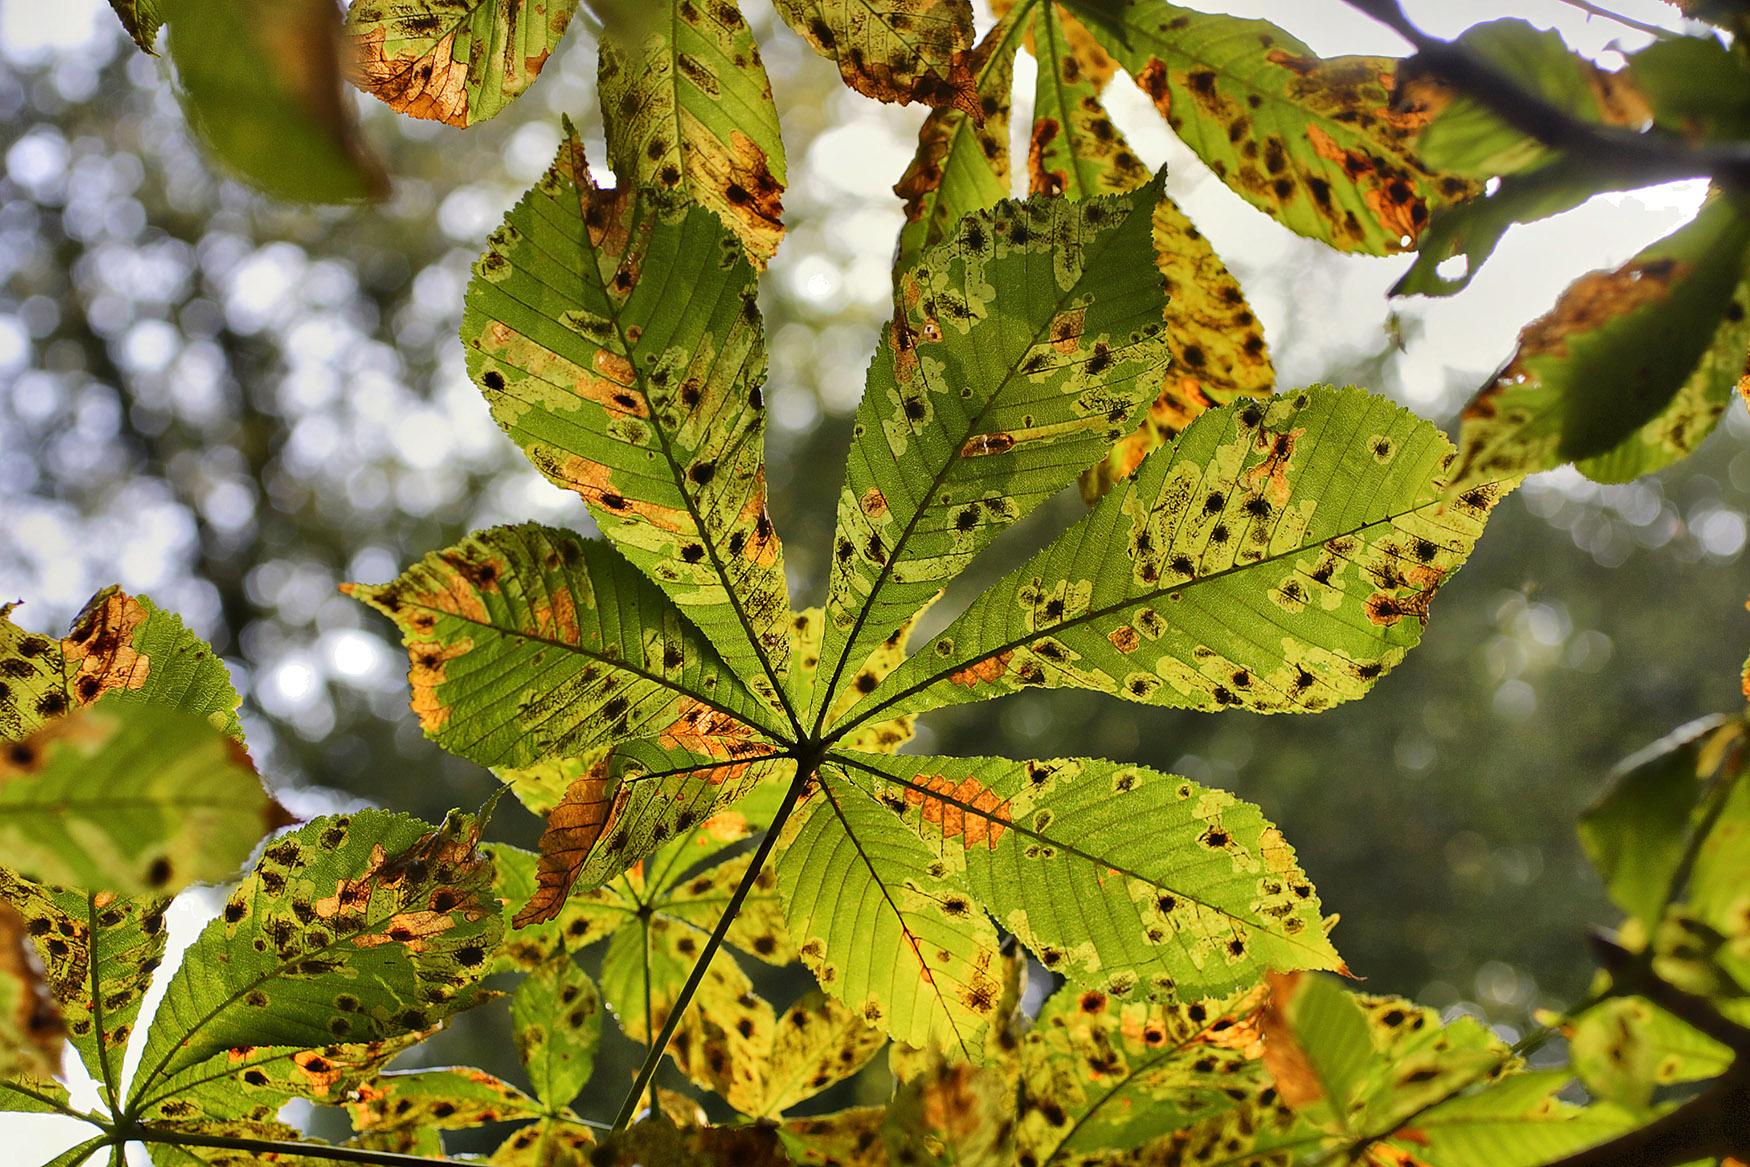 Ozon molekülleri bitkilerde hücre ölümüne sebep olur. Bitkilerin yapraklarındaki kahverengi lekelerin sebebi budur.